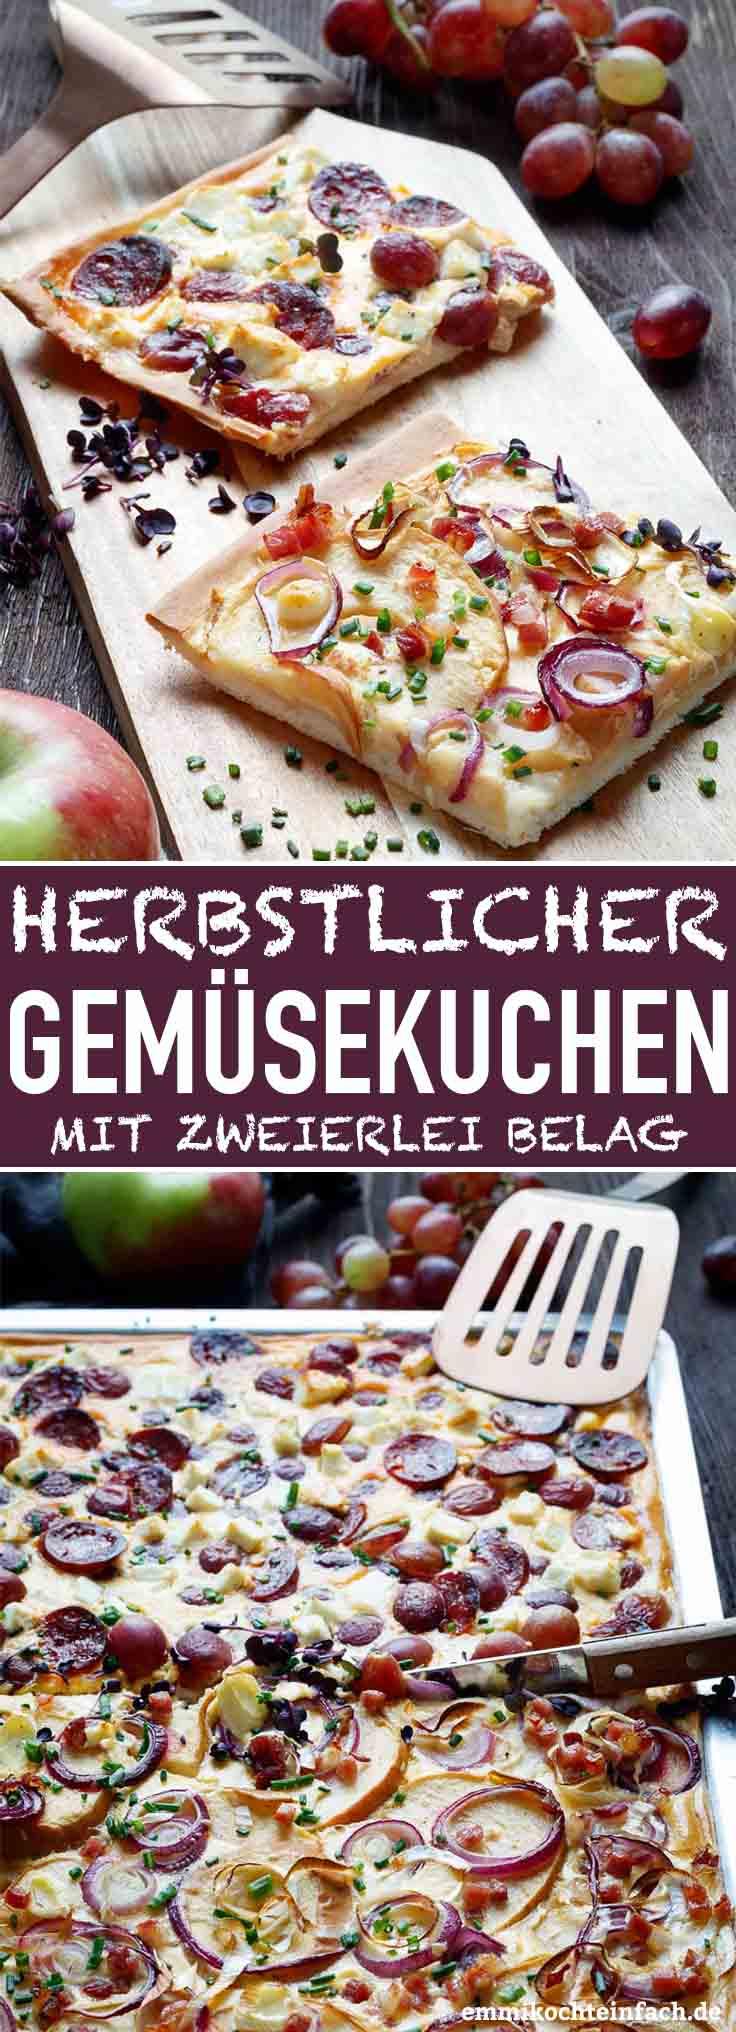 Der herzhafte Blechkuchen ist eine schöne Alternative zum Zwiebelkuchen - www.emmikochteinfach.de